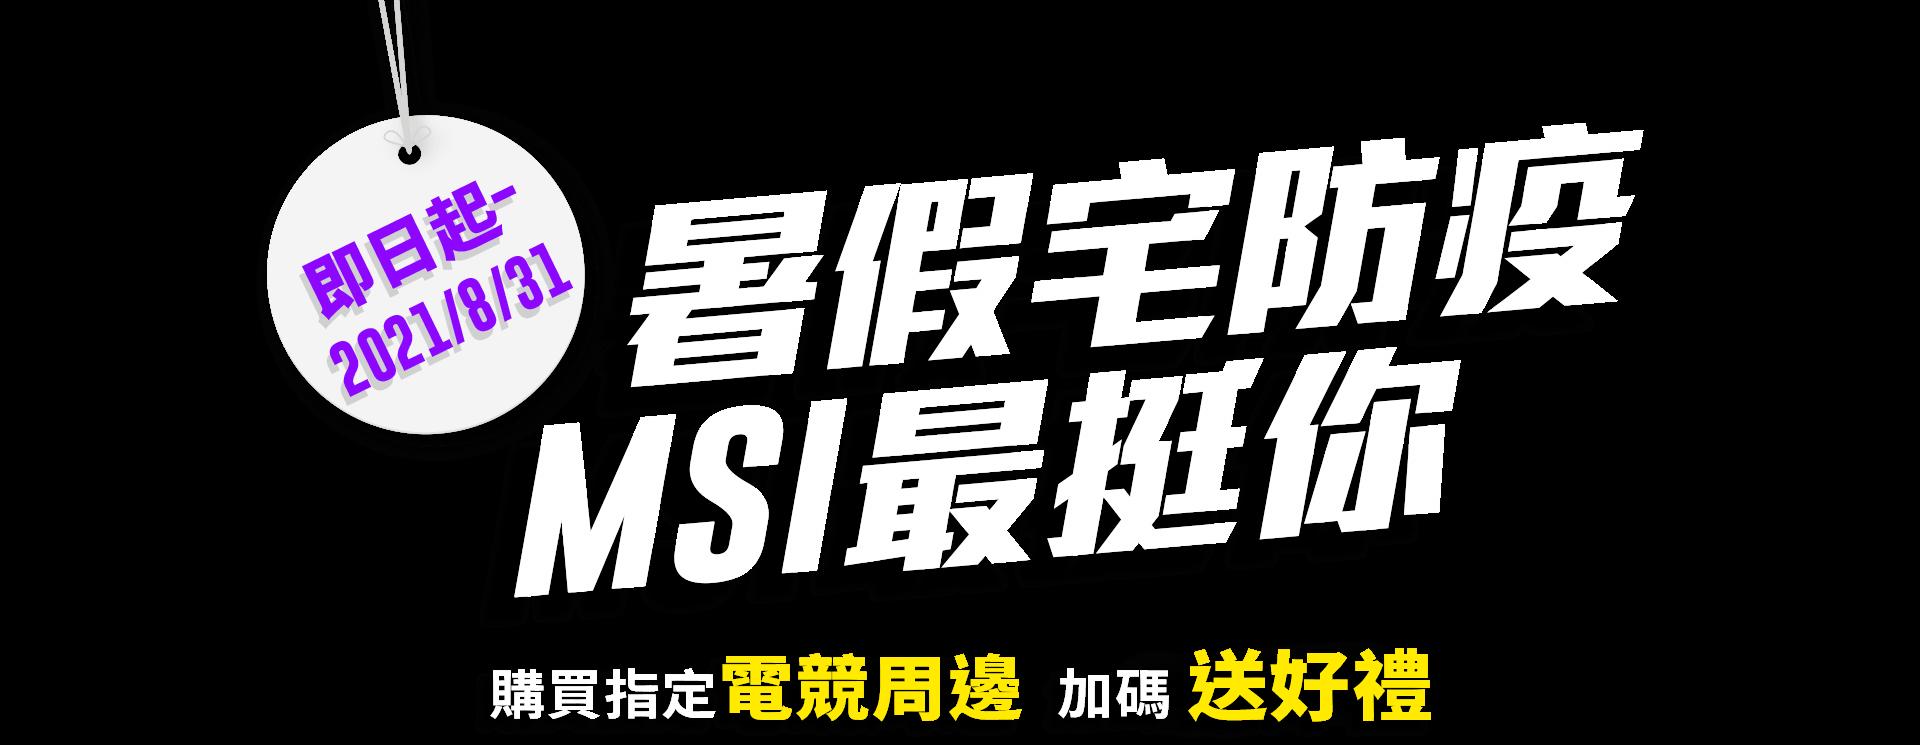 即日起-2021/8/31 暑假宅防疫 MSI最挺你 購買指定電競周邊 加碼送好禮